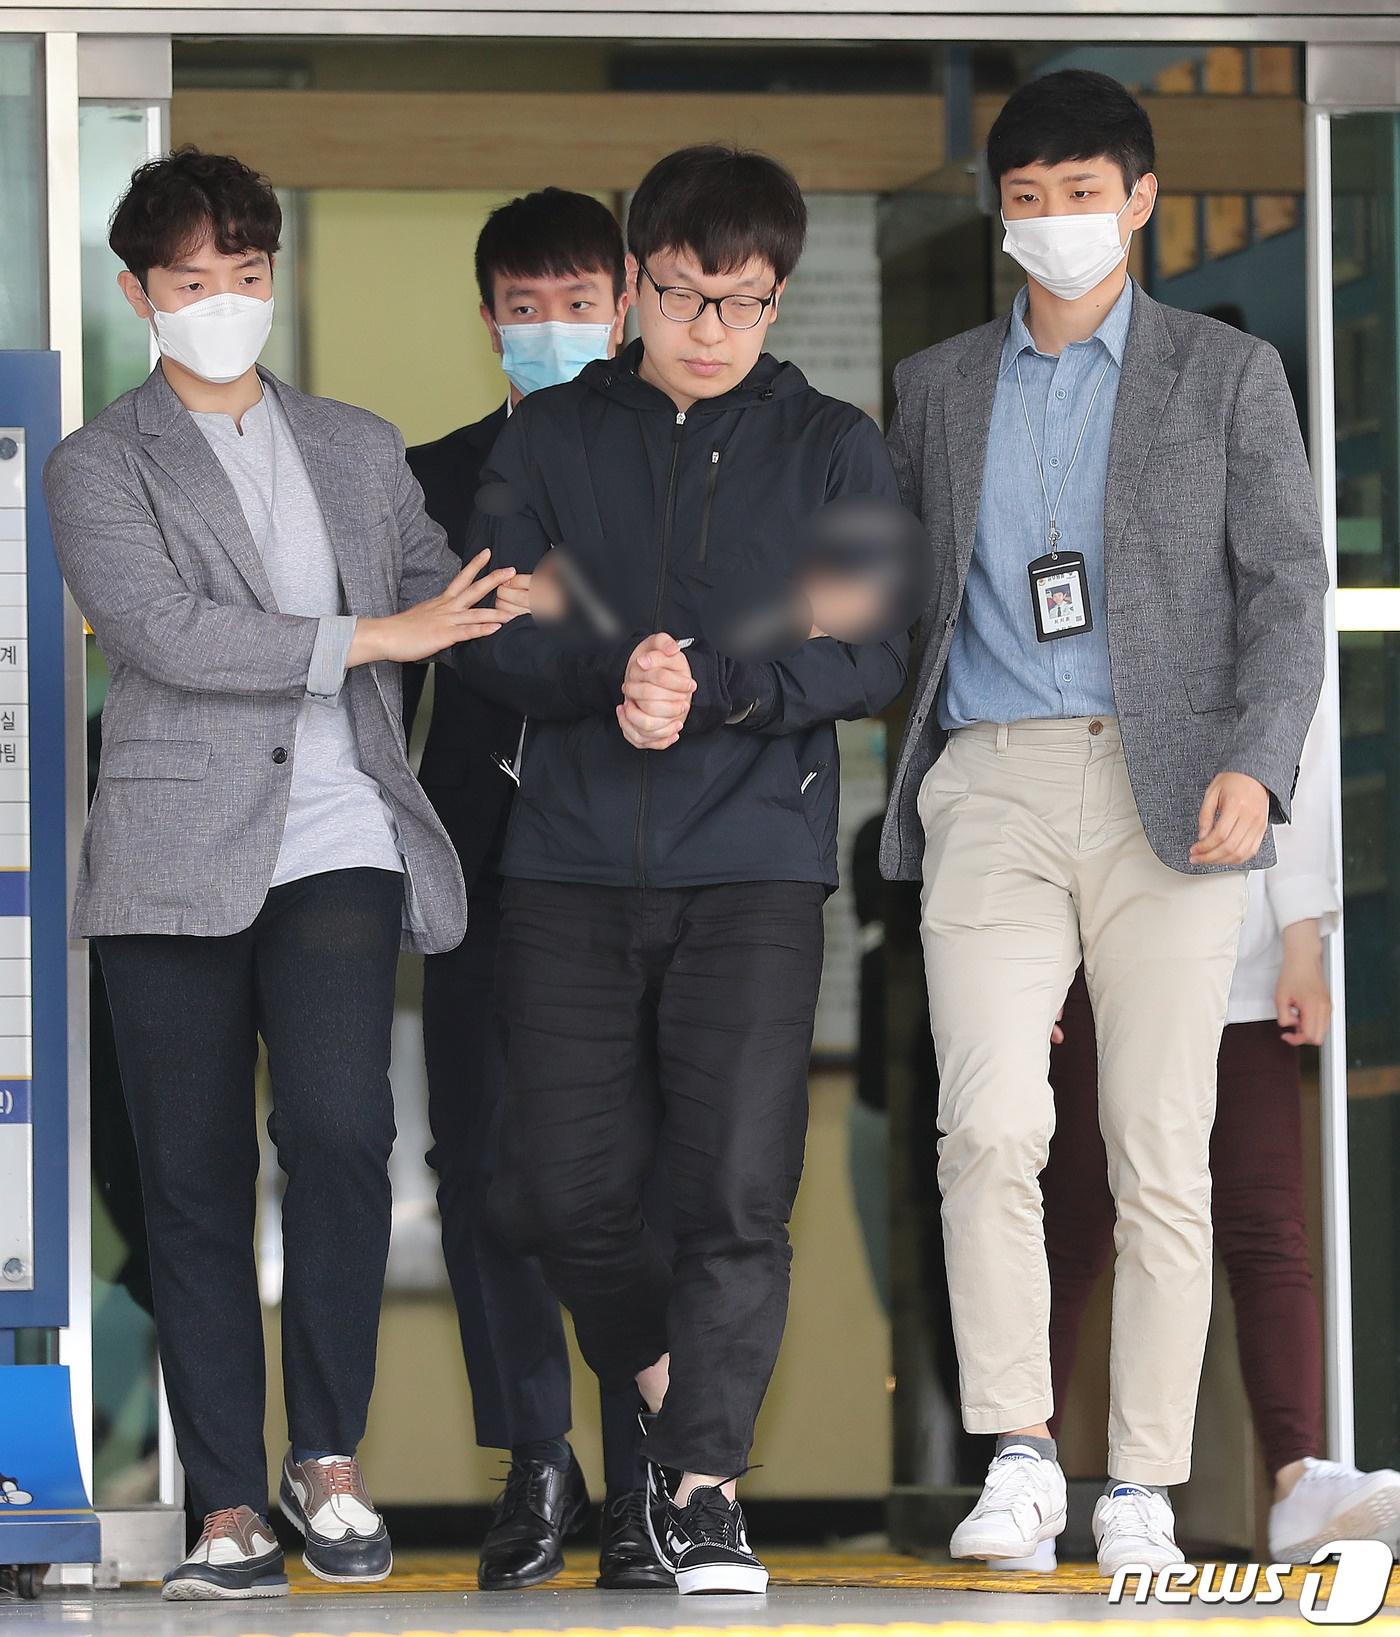 南景邑(news 1)